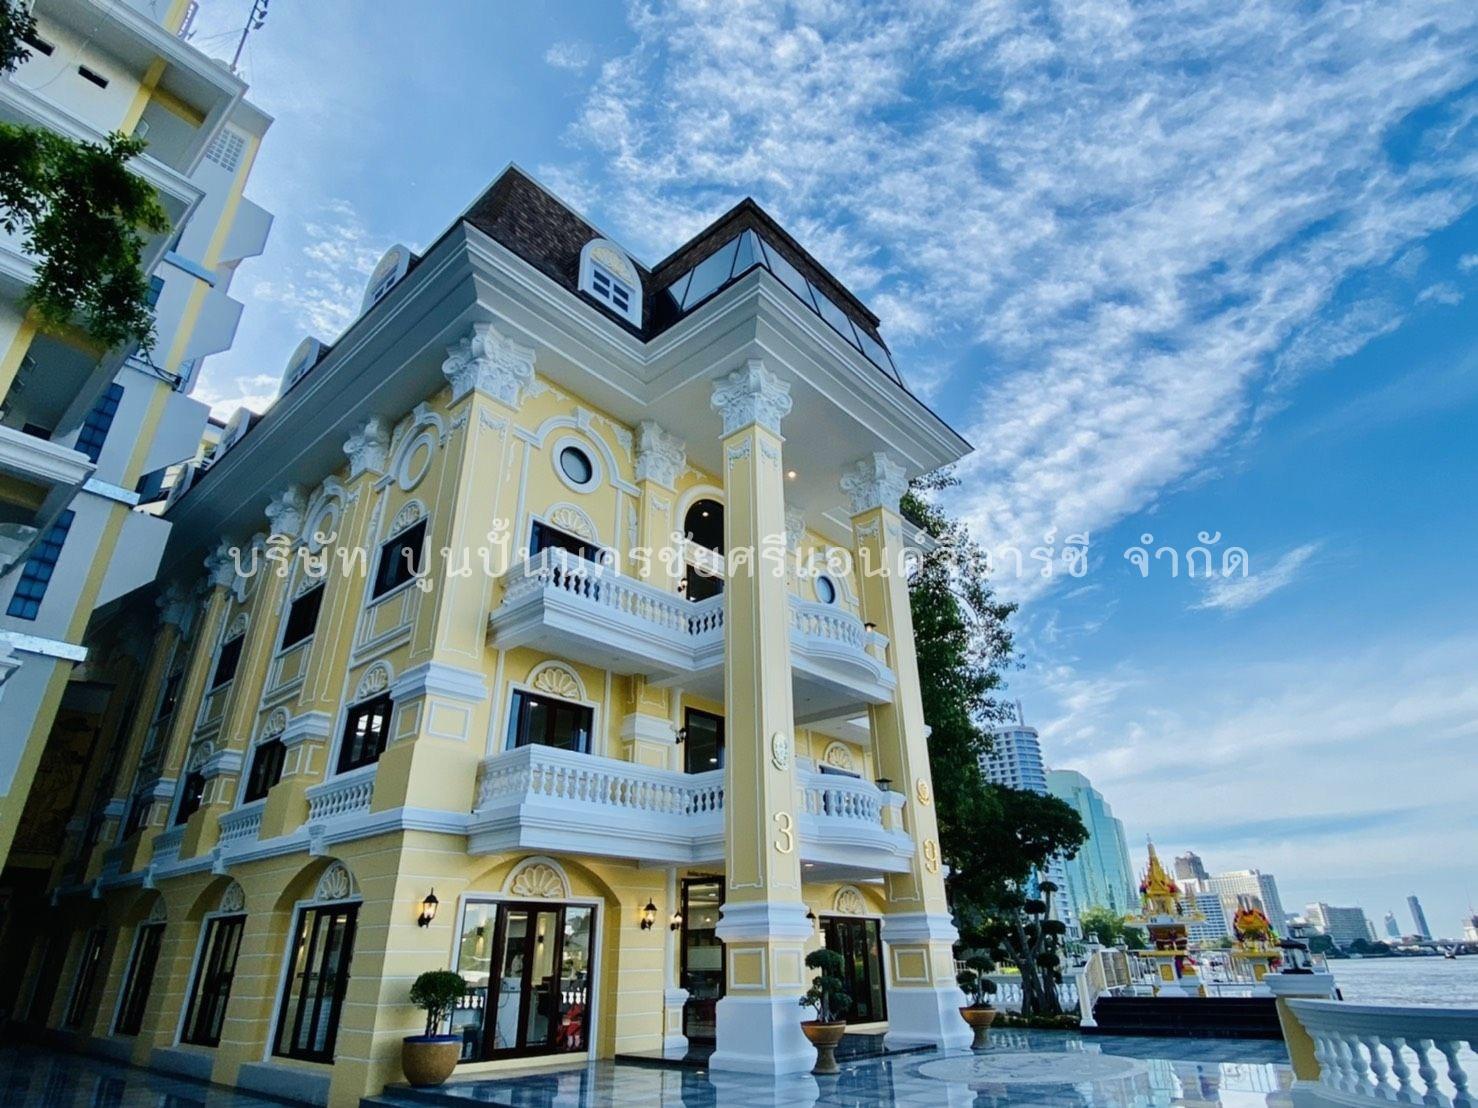 โครงการ อาคารศูนย์ตรวจการณ์ชายฝั่งทะเลอ่าวไทยตอนล่าง กรมเจ้าท่า